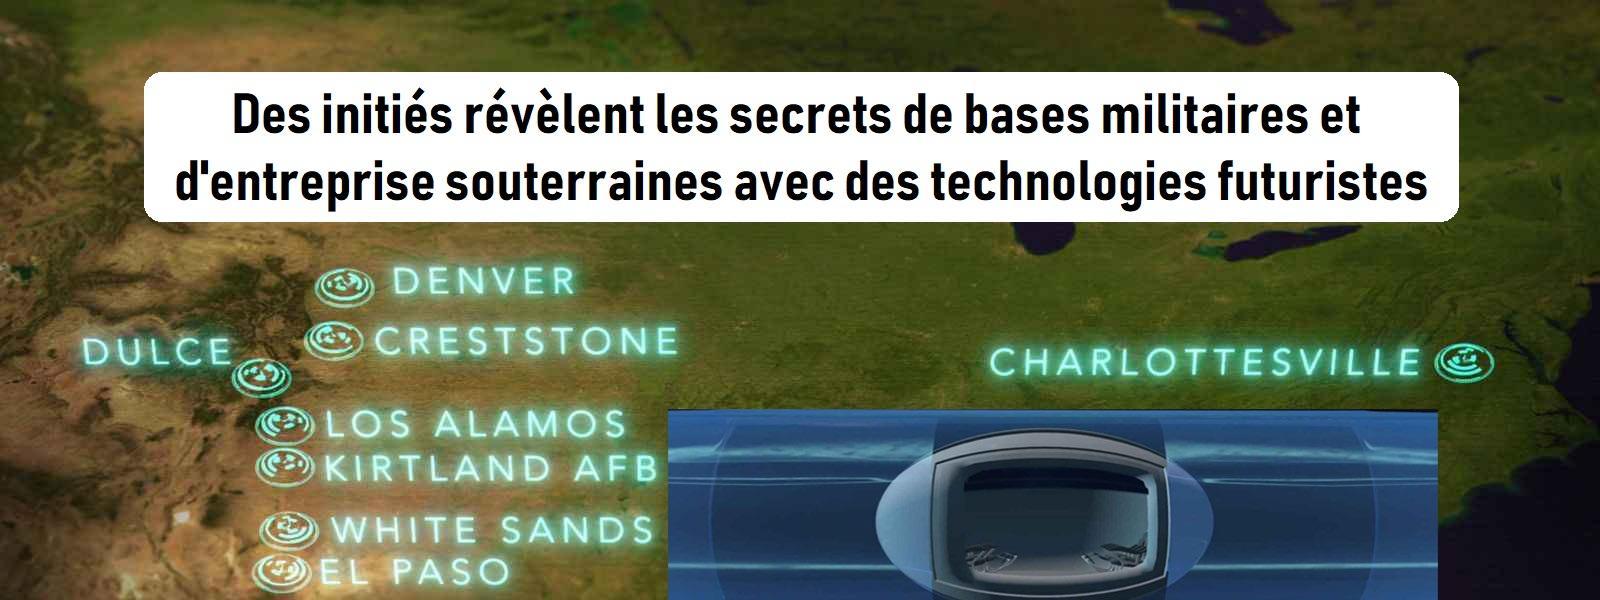 Des initiés révèlent les secrets de bases militaires et d'entreprise souterraines avec des technologies futuristes